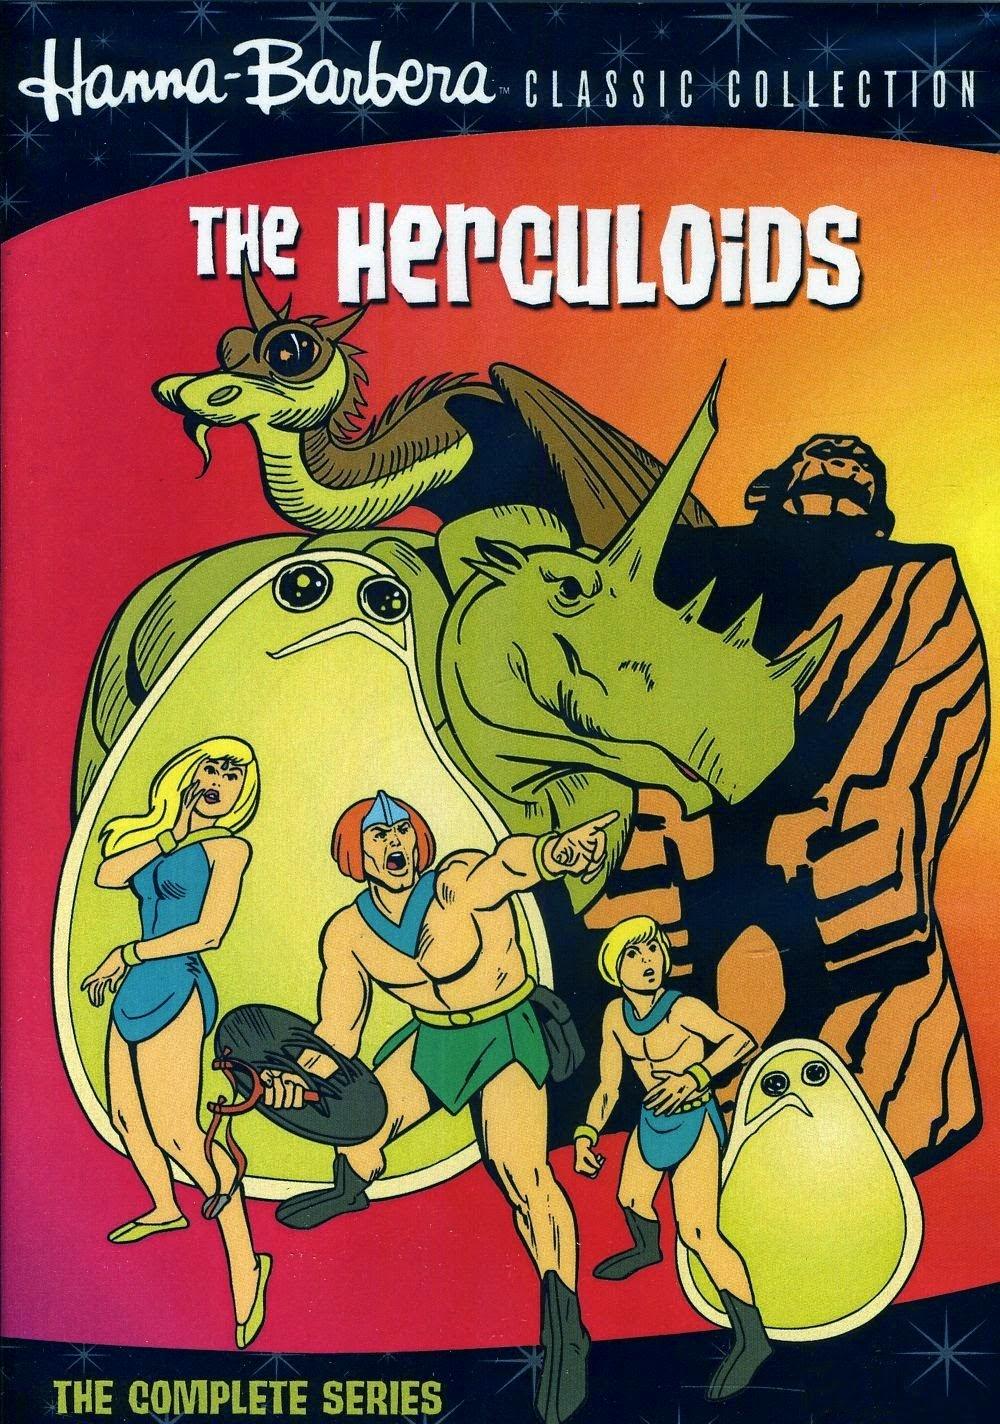 http://superheroesrevelados.blogspot.com.ar/2014/05/the-herculoids.html